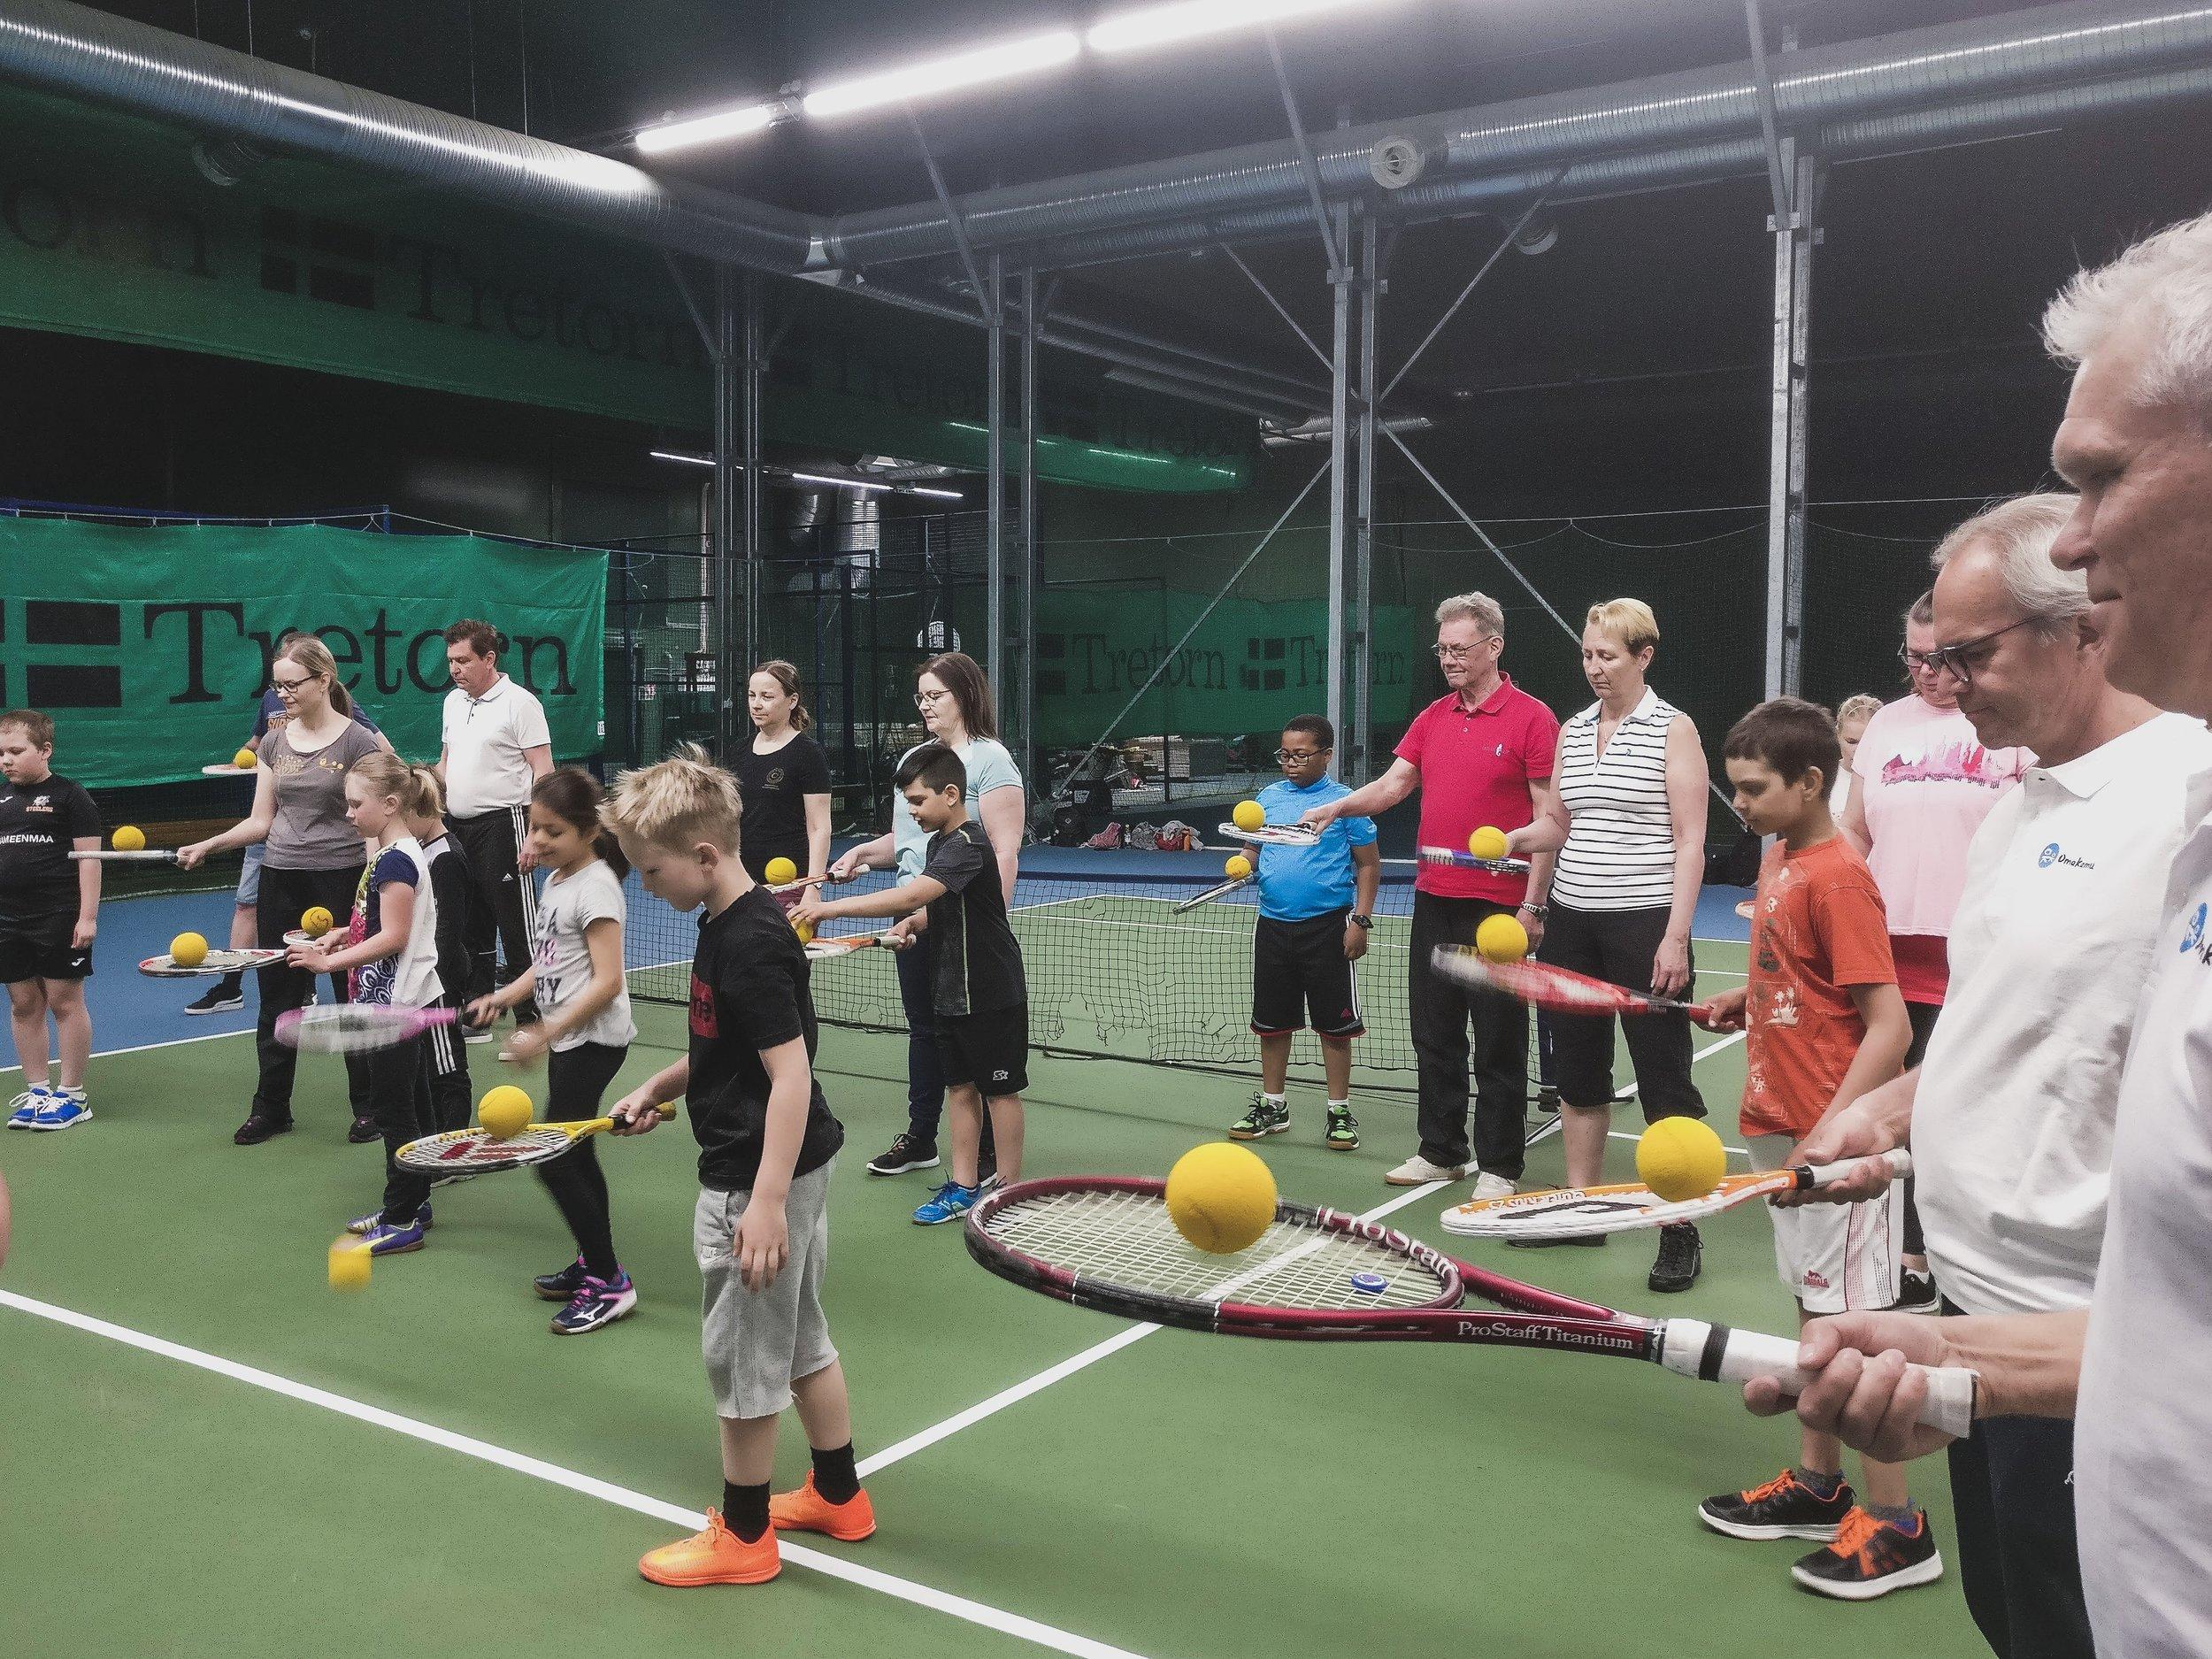 OmaKamun tennistapahtuma lapsille, nuorille ja aikuiskavereille. Ohjaamassa Jarkko Nieminen. Tukihenkilötoiminta ja vapaaehtoistyö.